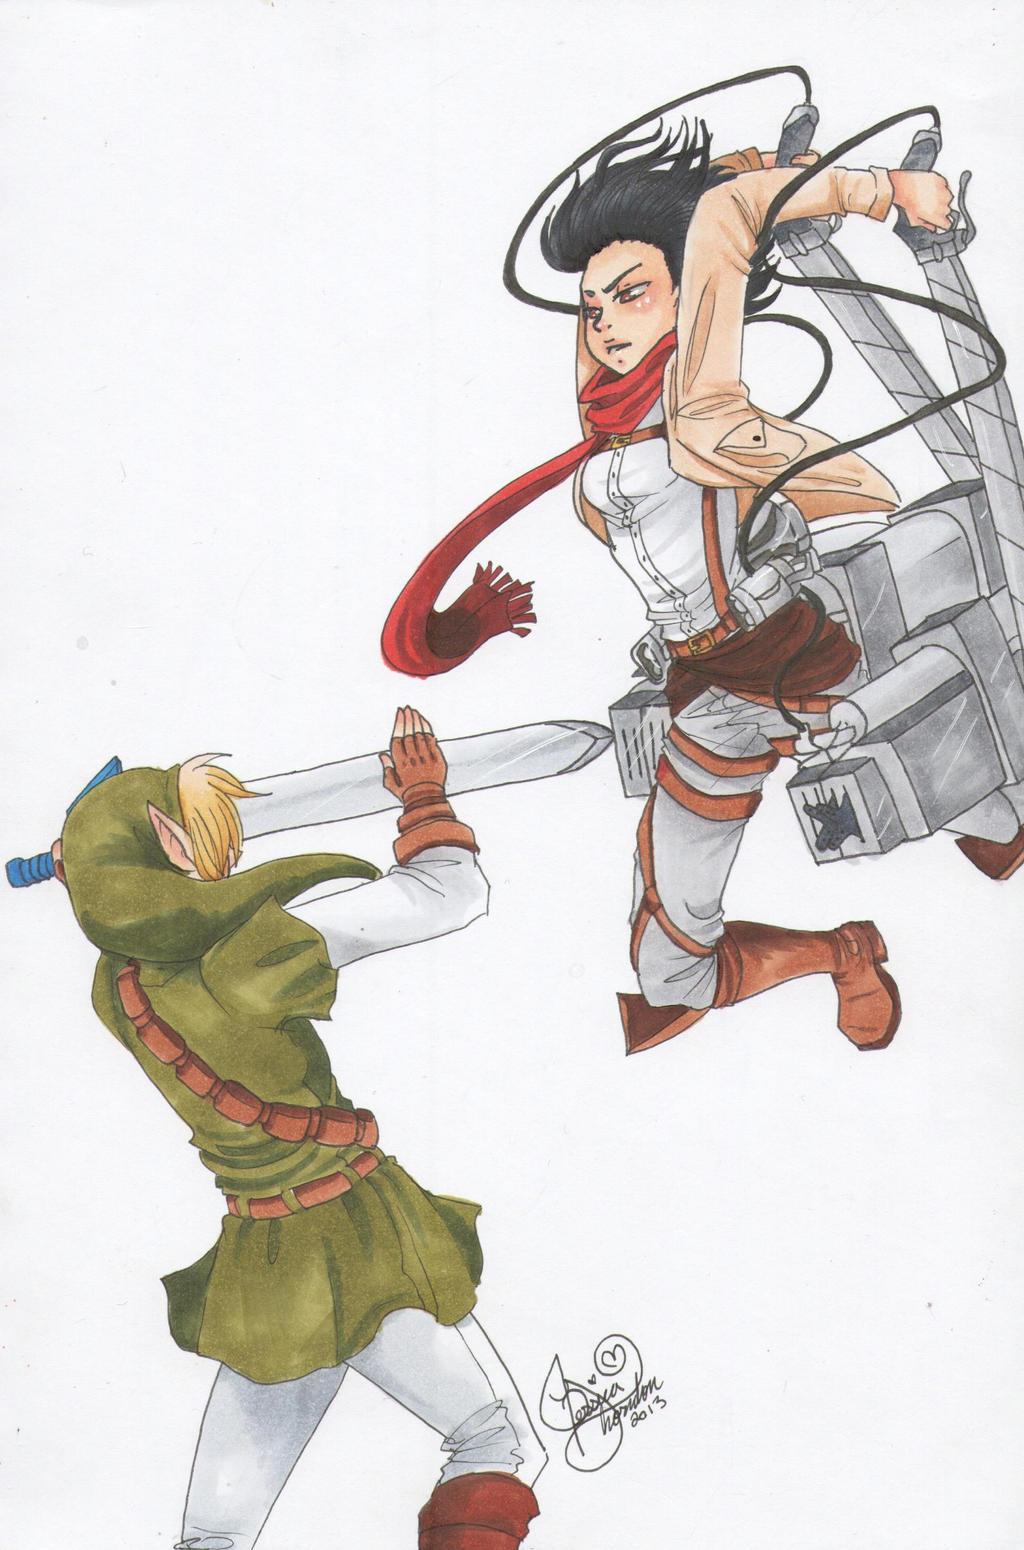 Link vs myhouse by Mangopoptart